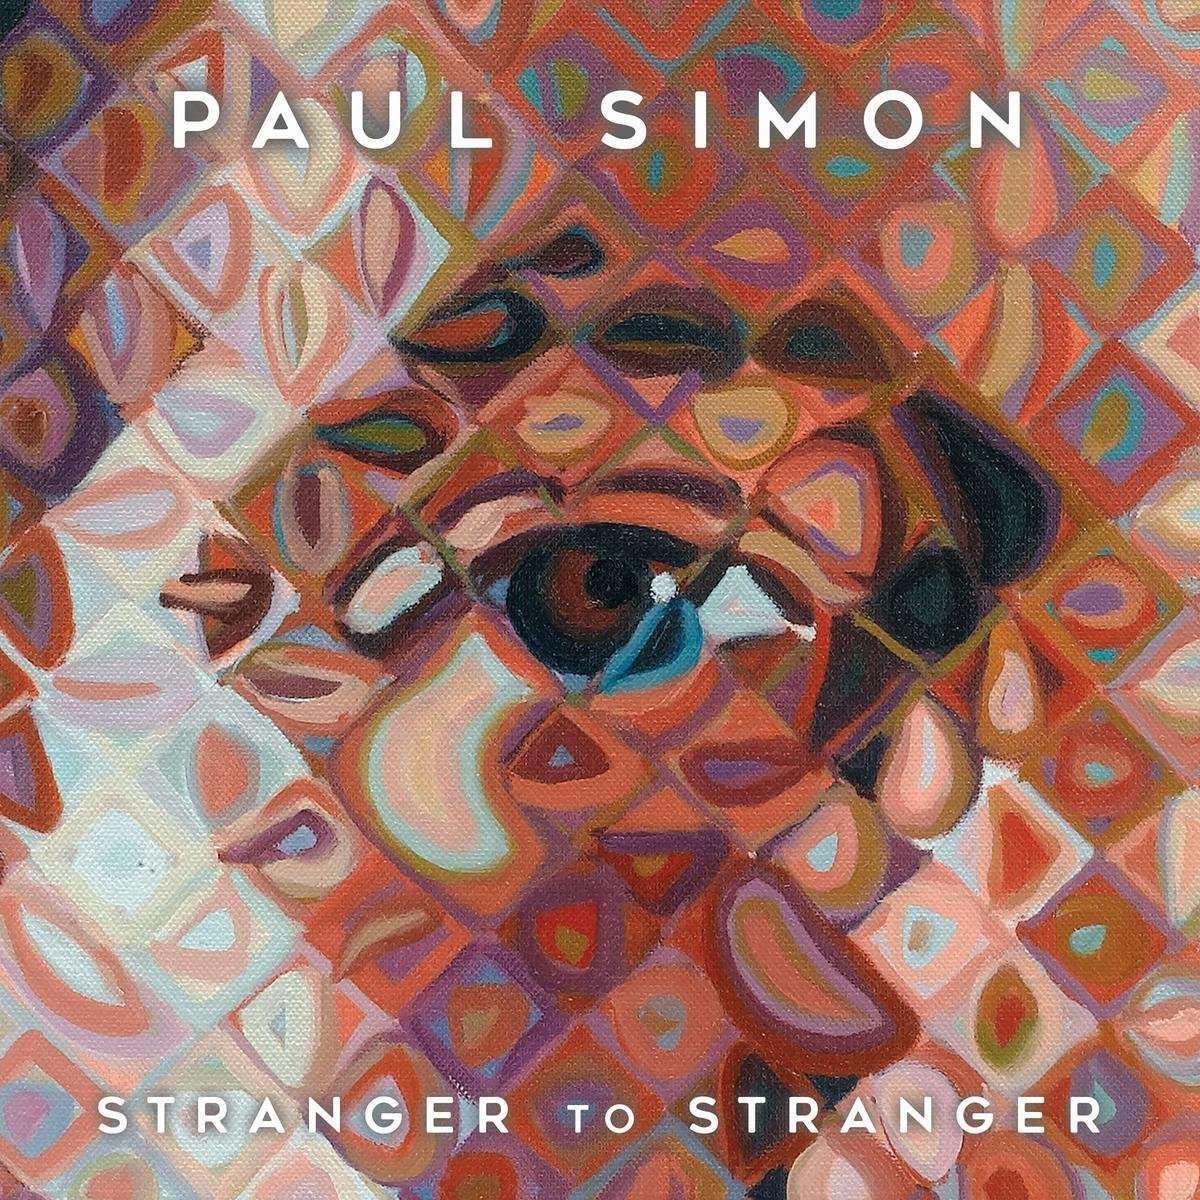 Paul Simon: Stranger to Stranger (2016) Book Cover